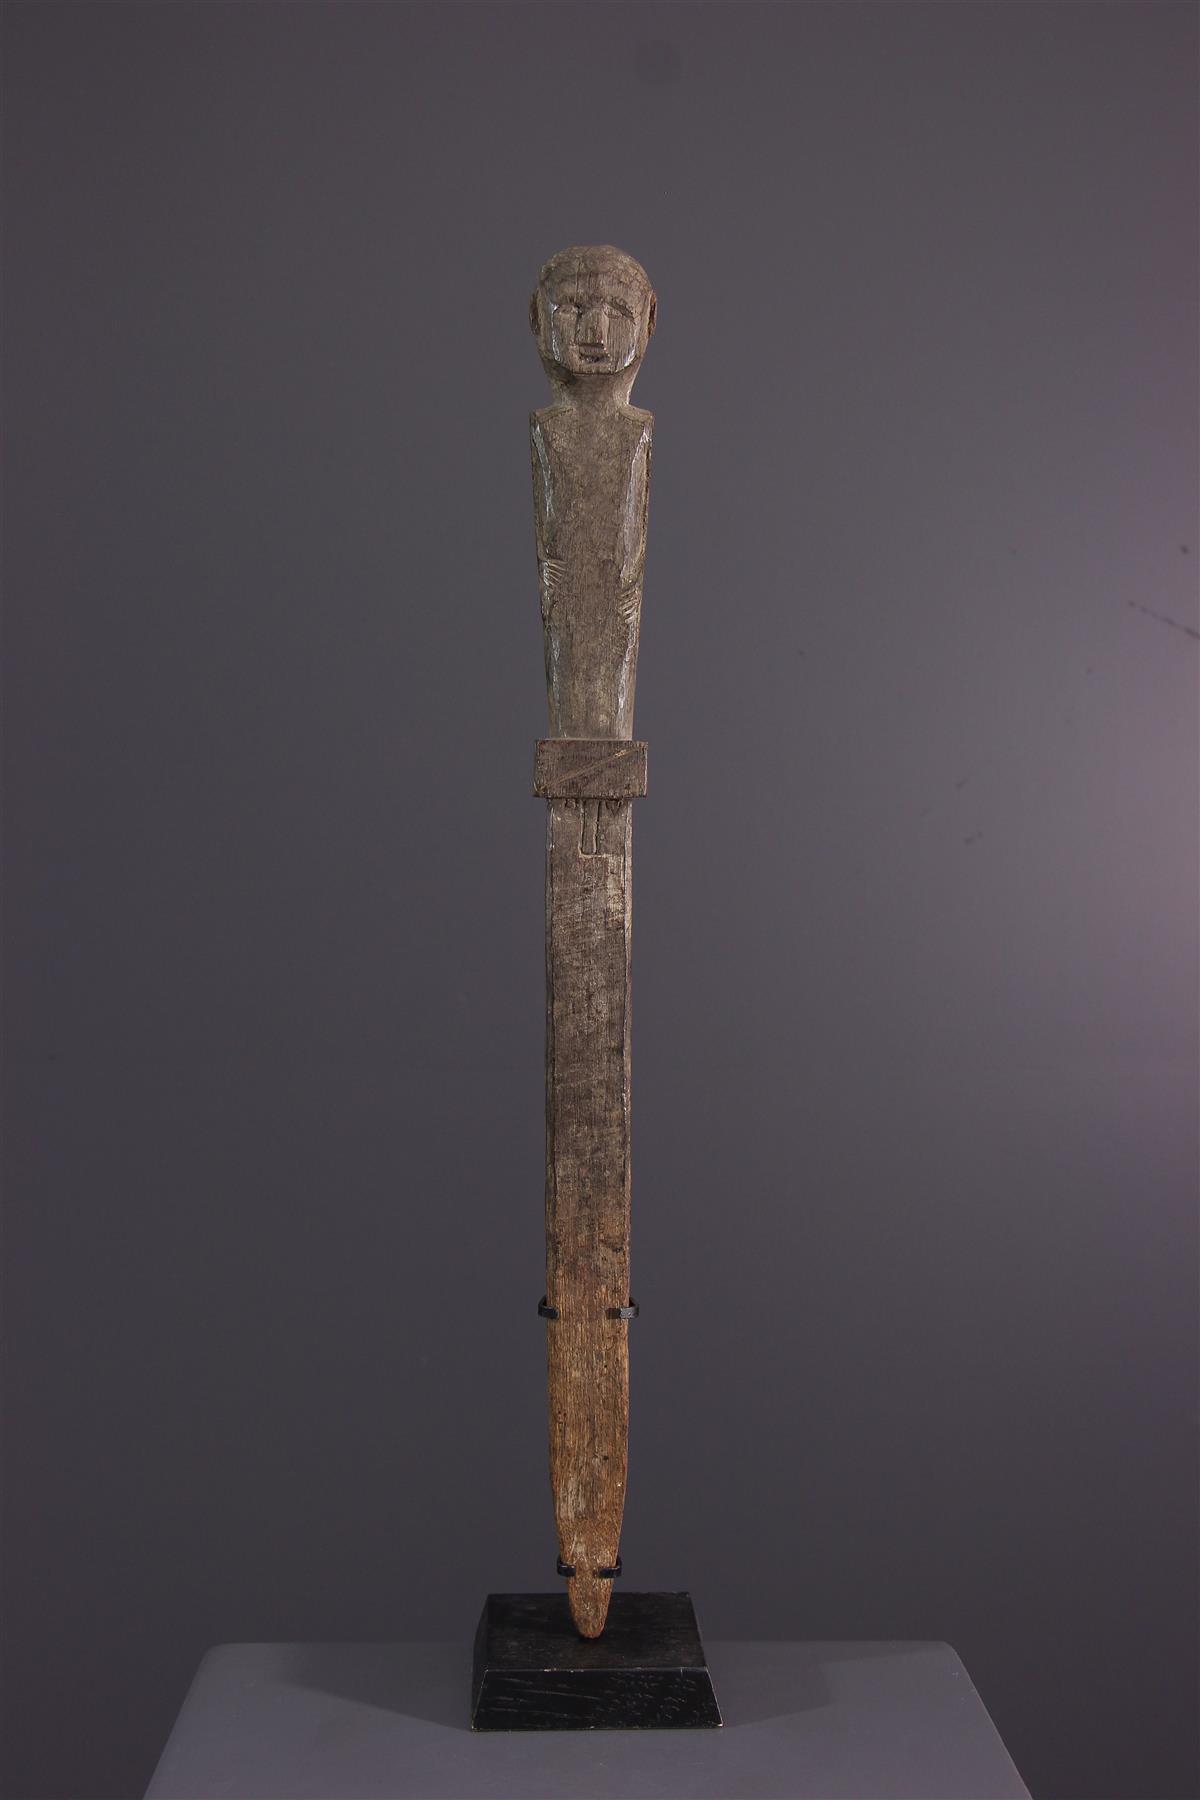 Bongo figure - African art